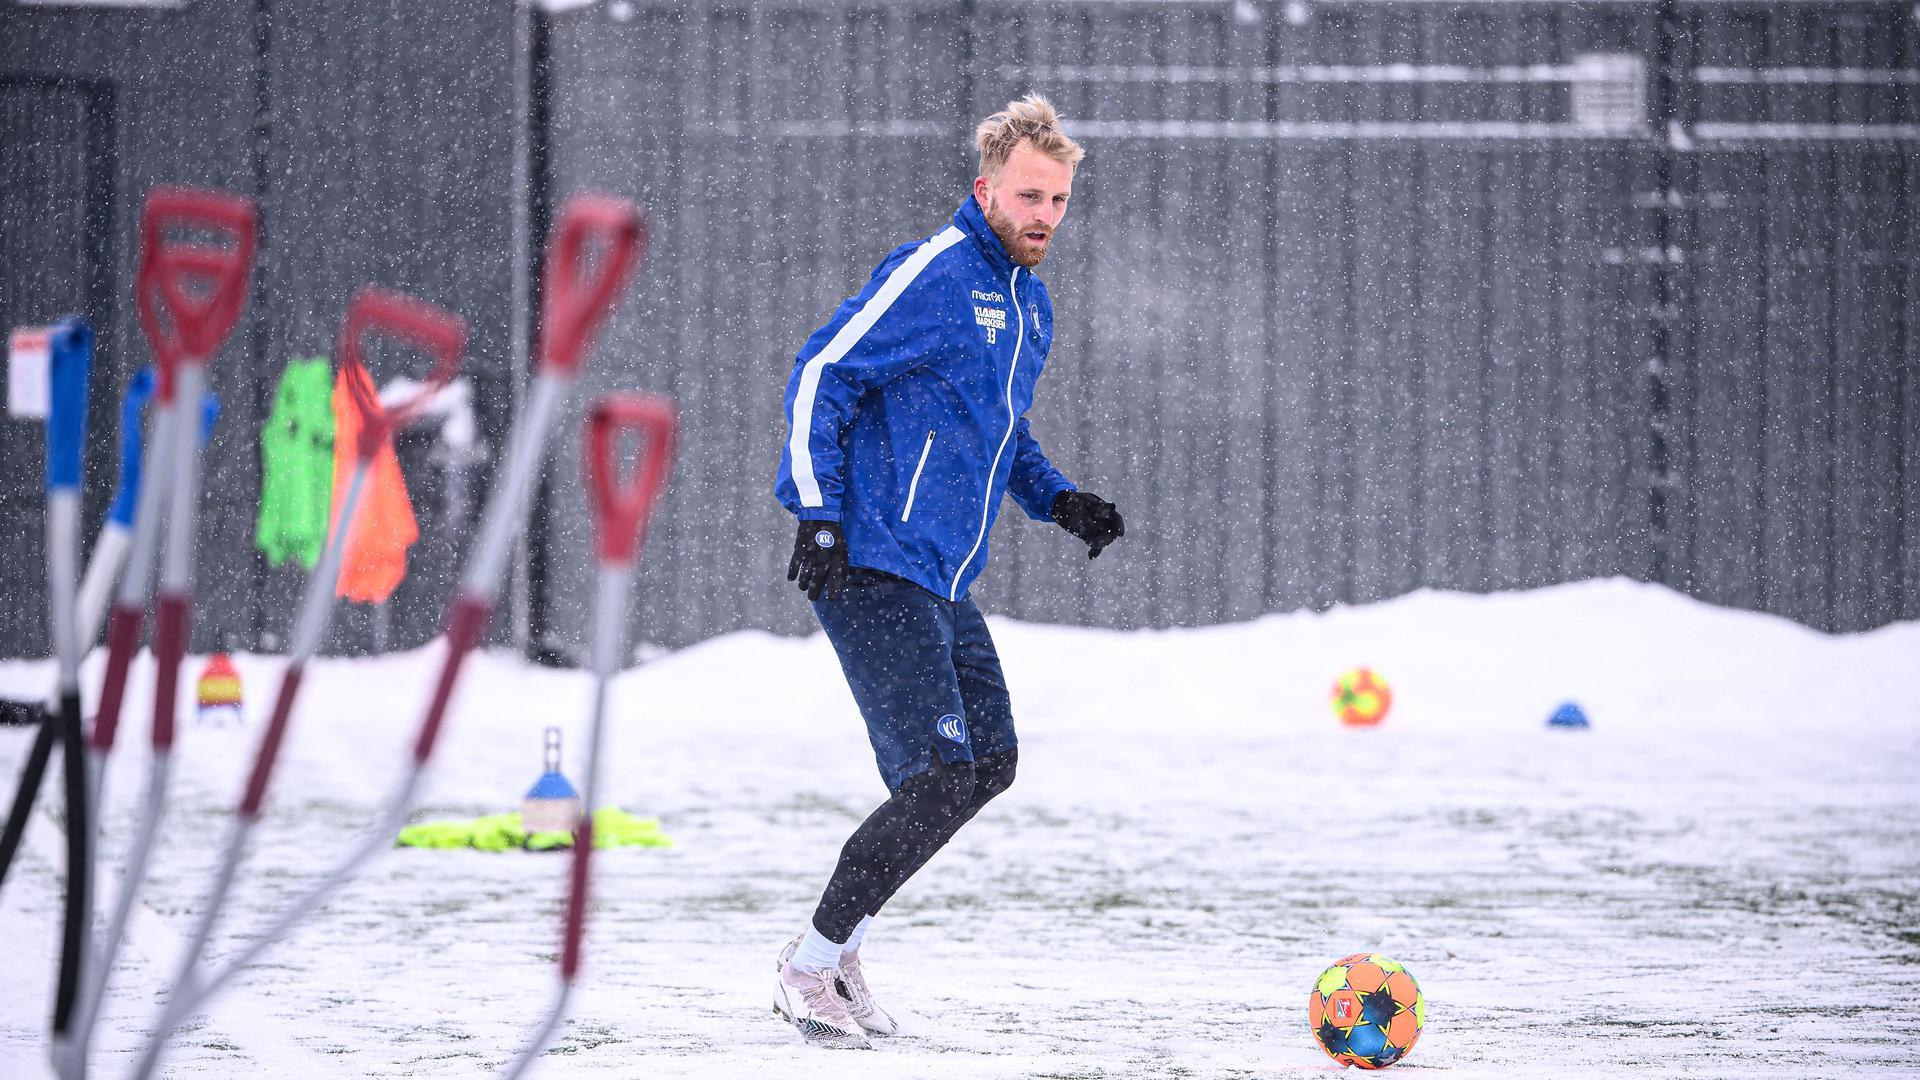 Motiviert nach Sandhausen: Karlsruhes Mittelstürmer Philipp Hofmann bereitet sich mit dem KSC auf das Gastspiel beim Nachbarn in der Kurpfalz vor.